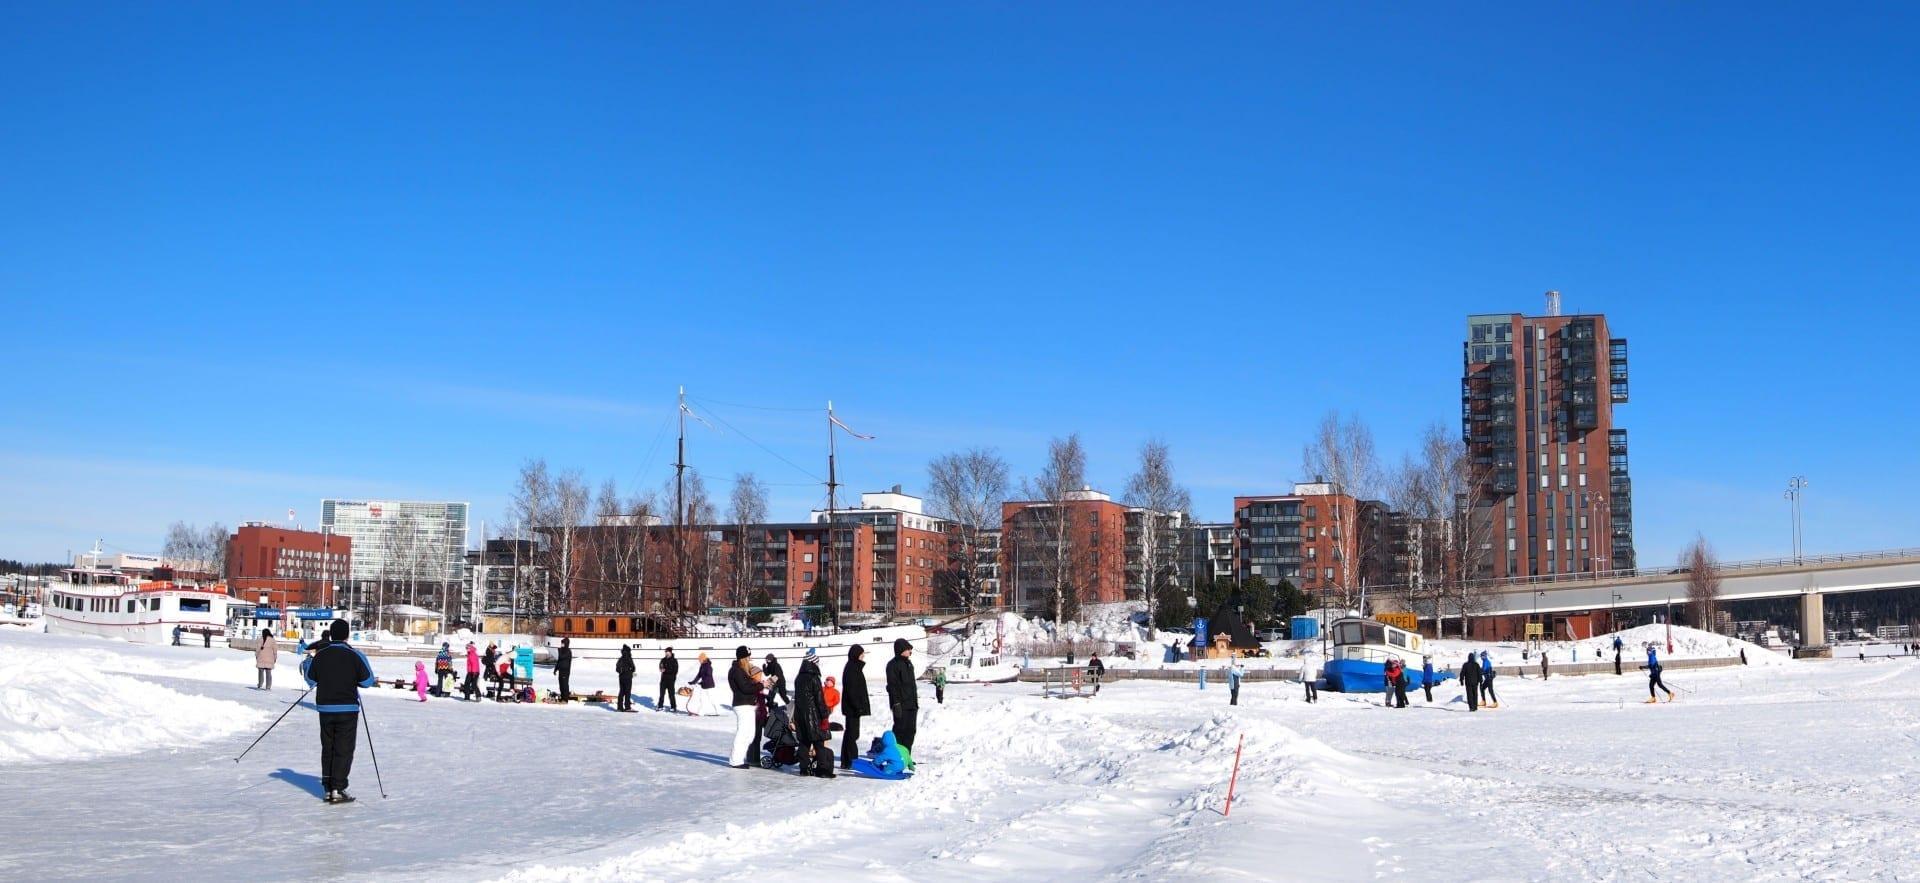 En invierno hay una pista de patinaje sobre hielo y una pista de esquí en el lago Jyväsjärvi. Jyvaskyla Finlandia